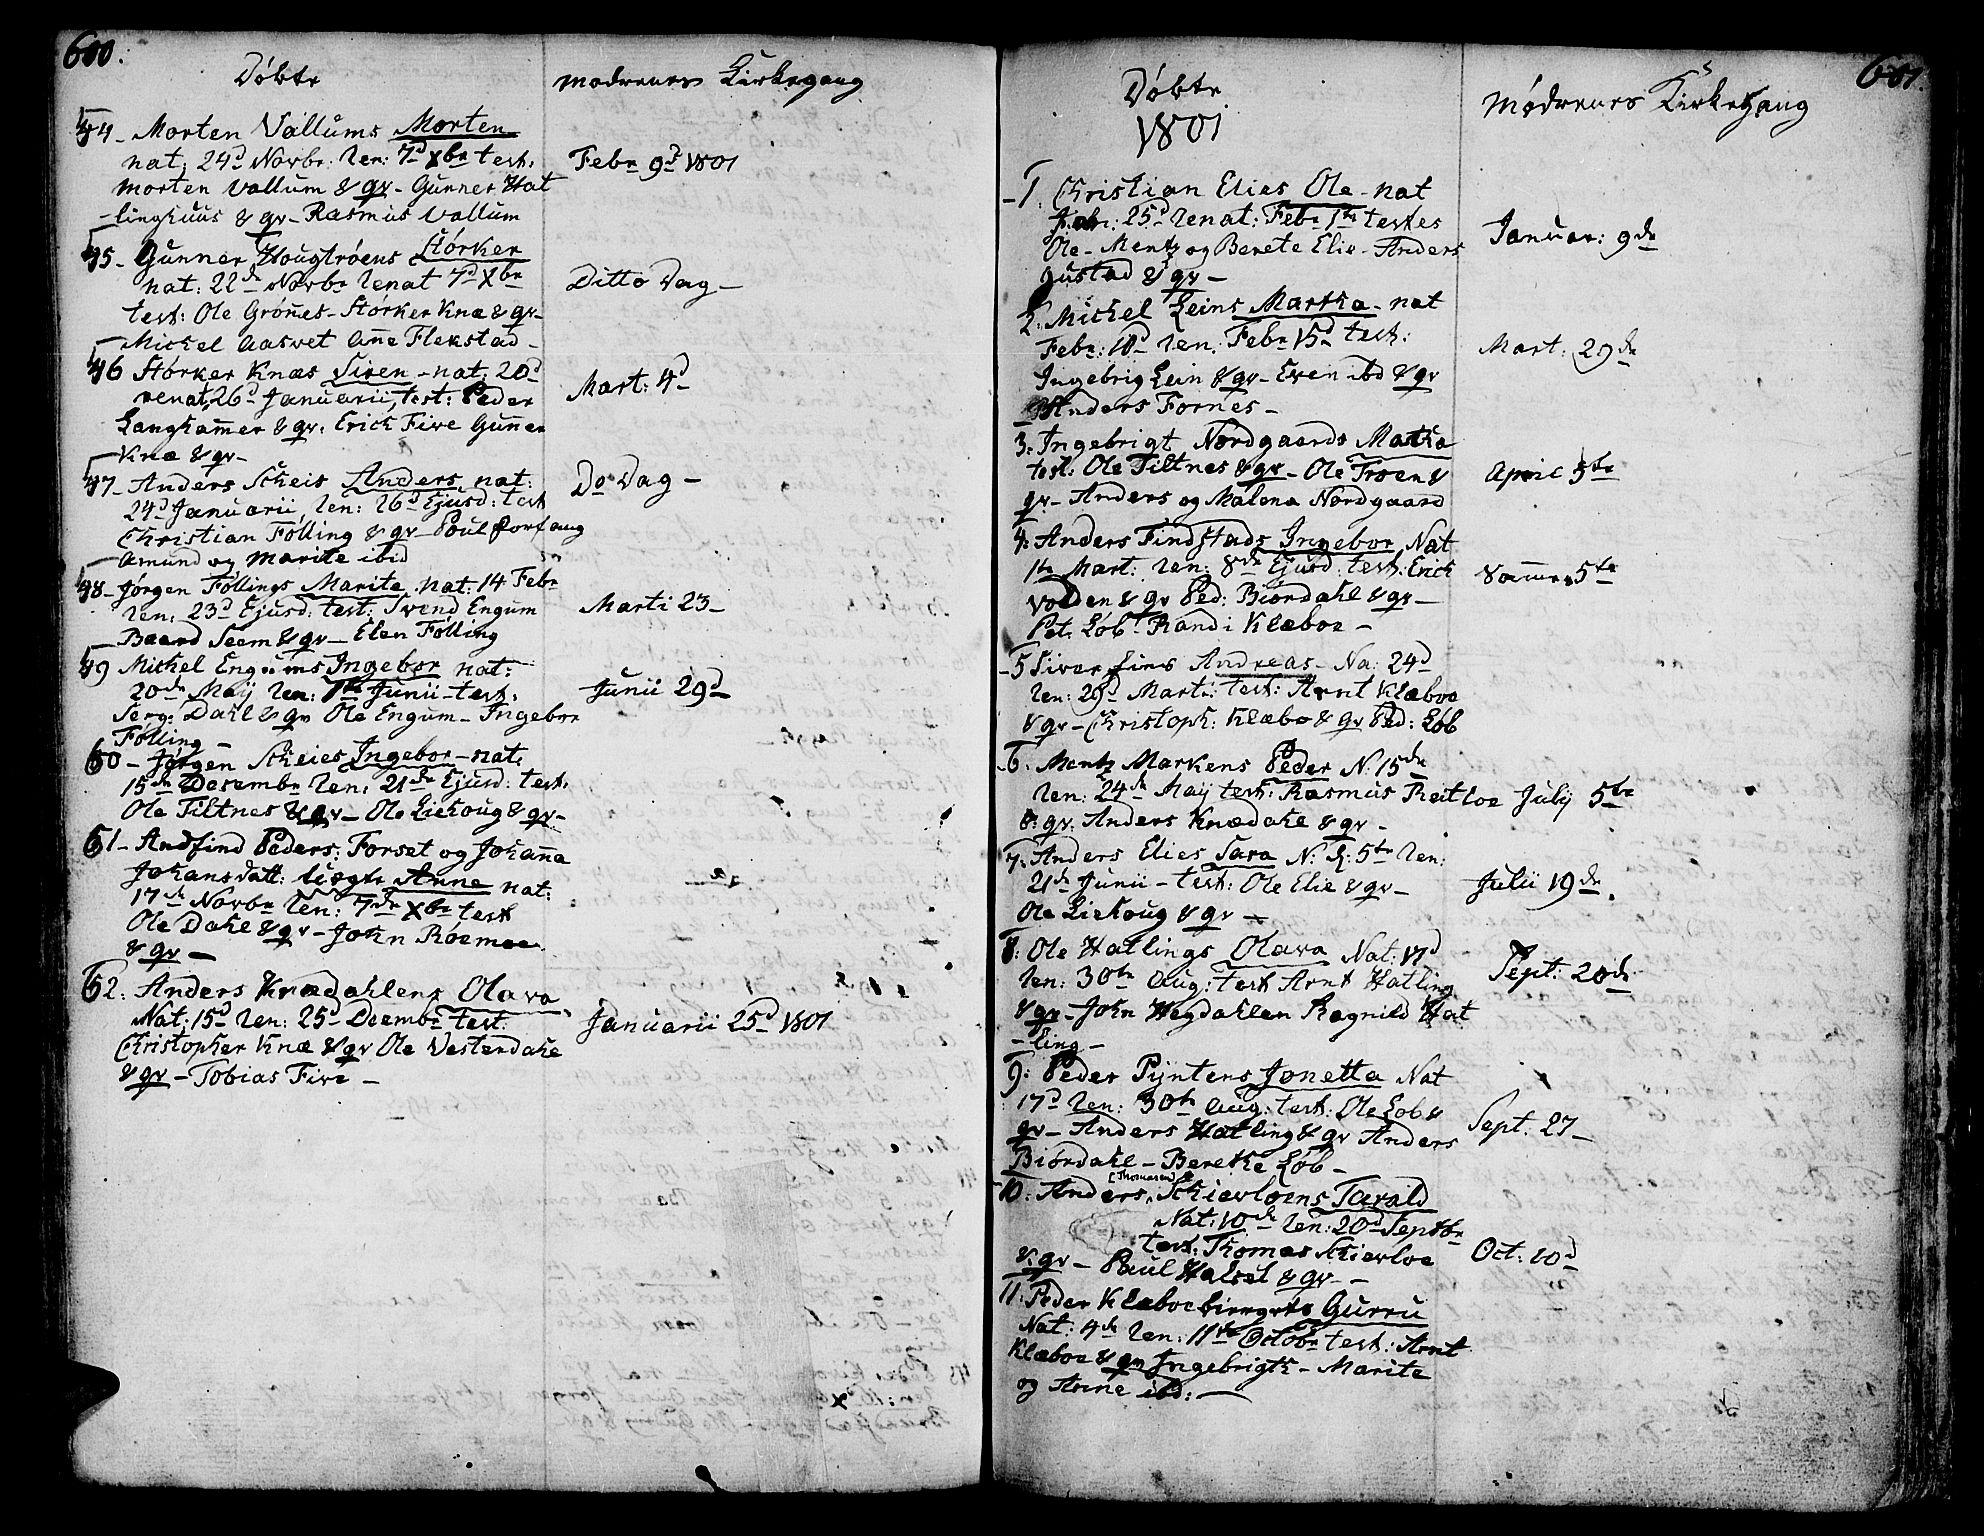 SAT, Ministerialprotokoller, klokkerbøker og fødselsregistre - Nord-Trøndelag, 746/L0440: Ministerialbok nr. 746A02, 1760-1815, s. 600-601